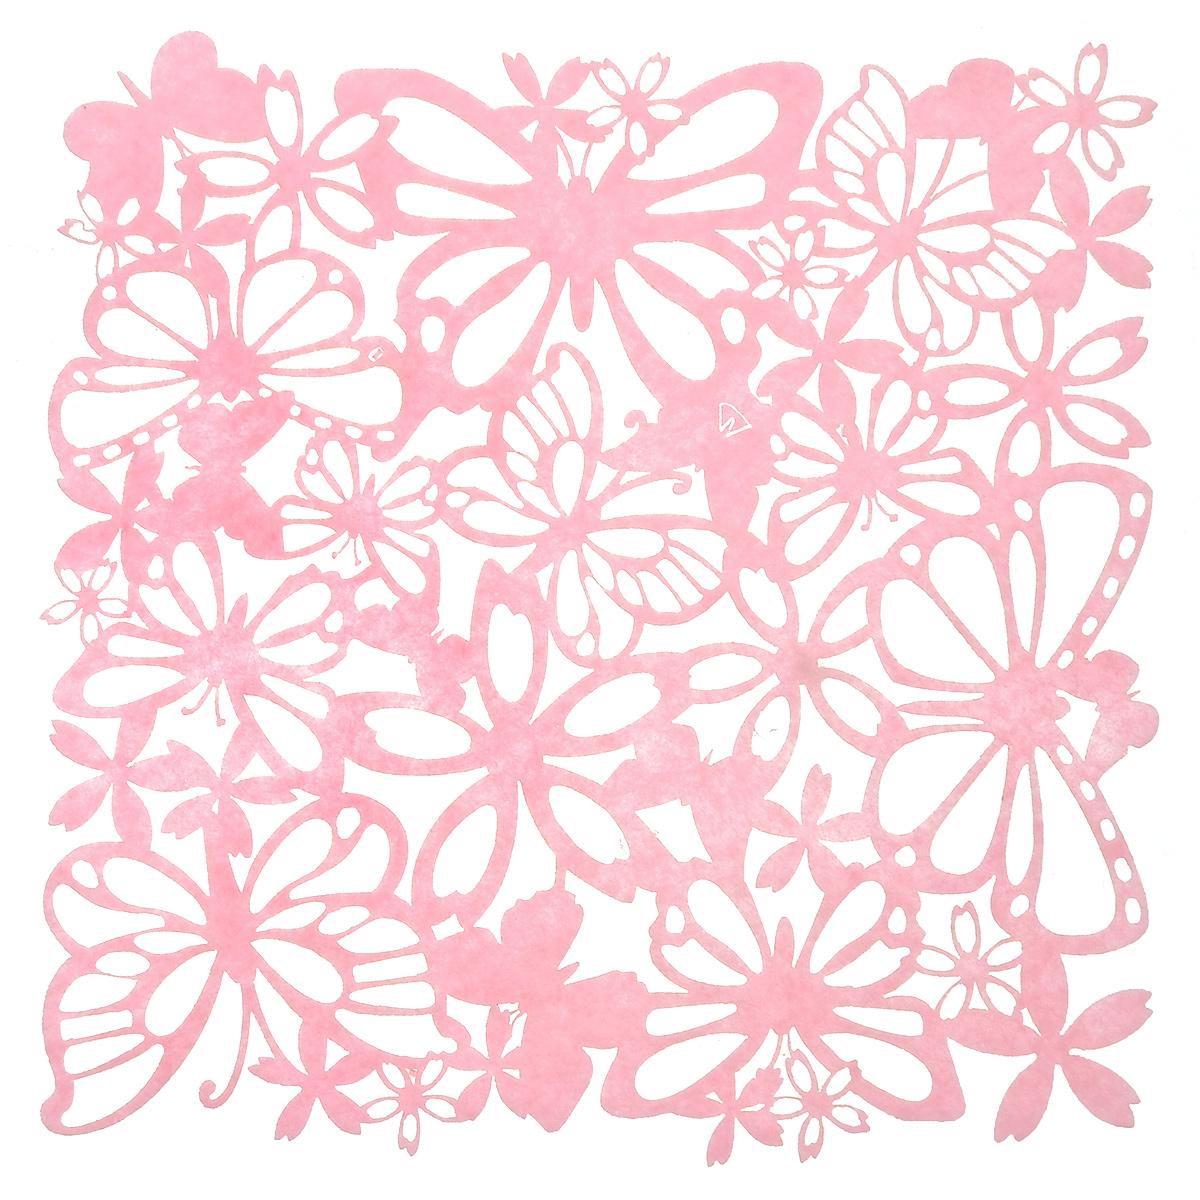 Салфетка Home Queen Взмах крыльев, цвет: розовый, 30 см х 30 см66841Квадратная салфетка Home Queen Взмах крыльев изготовлена из фетра и оформлена изысканной перфорацией в виде цветочных узоров и бабочек. Такая салфетка прекрасно подойдет для украшения интерьера кухни, она сбережет стол от высоких температур и грязи.